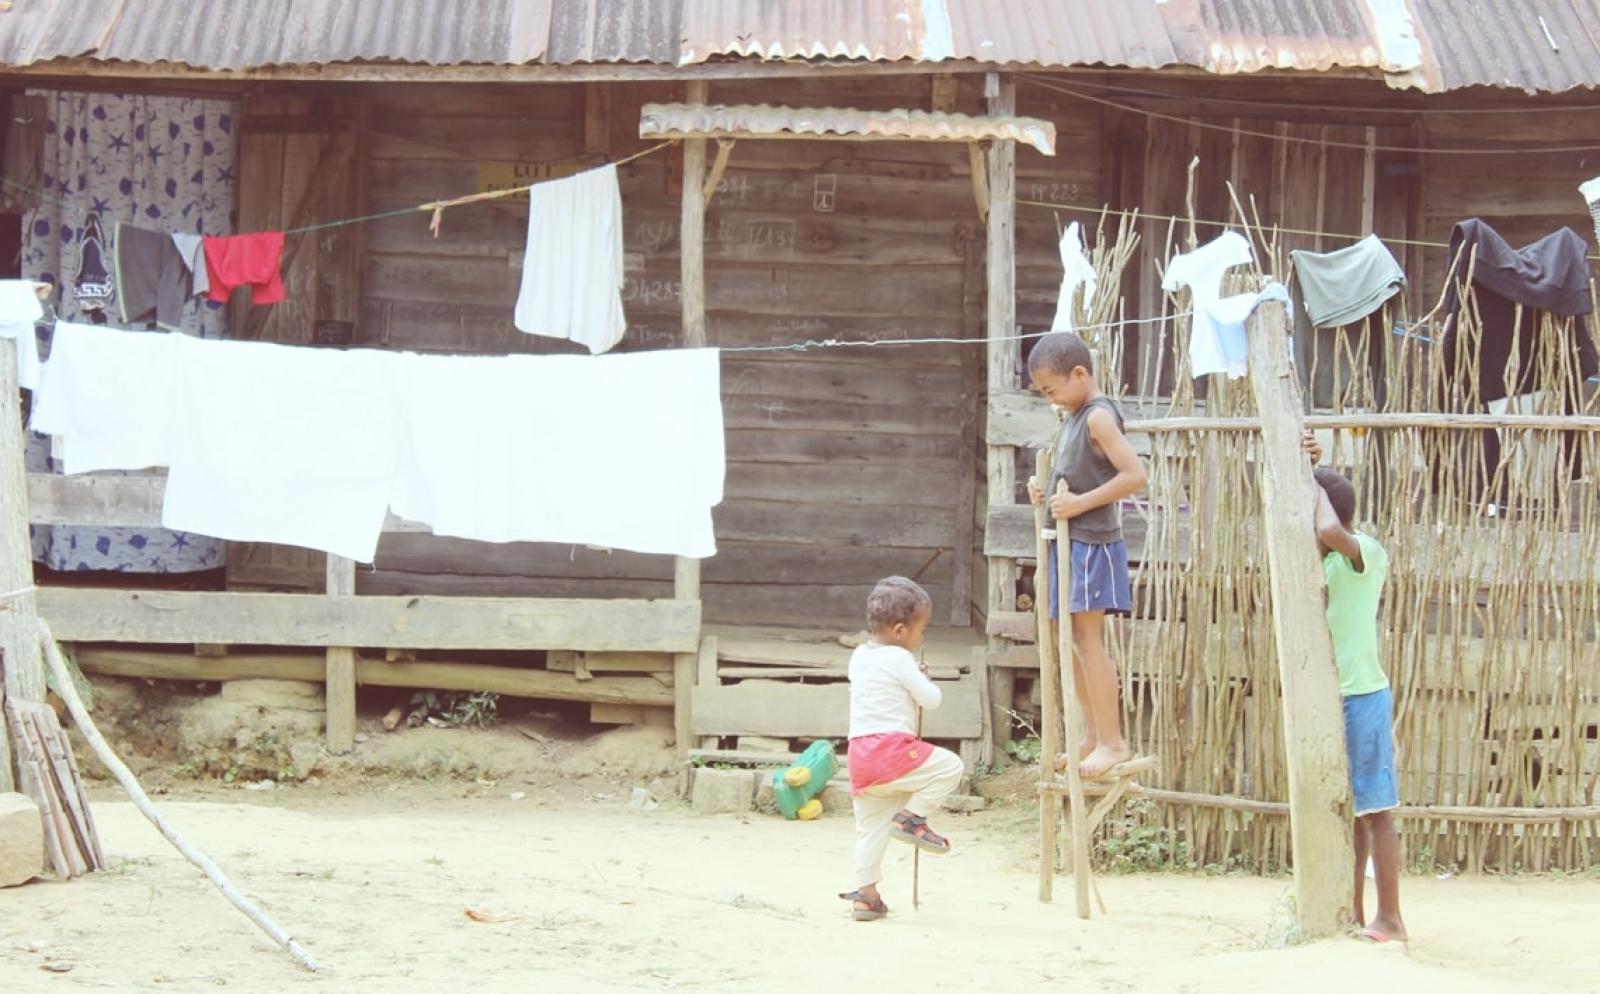 洗濯物が干された家の前で竹馬に乗るマダガスカルの子供たち